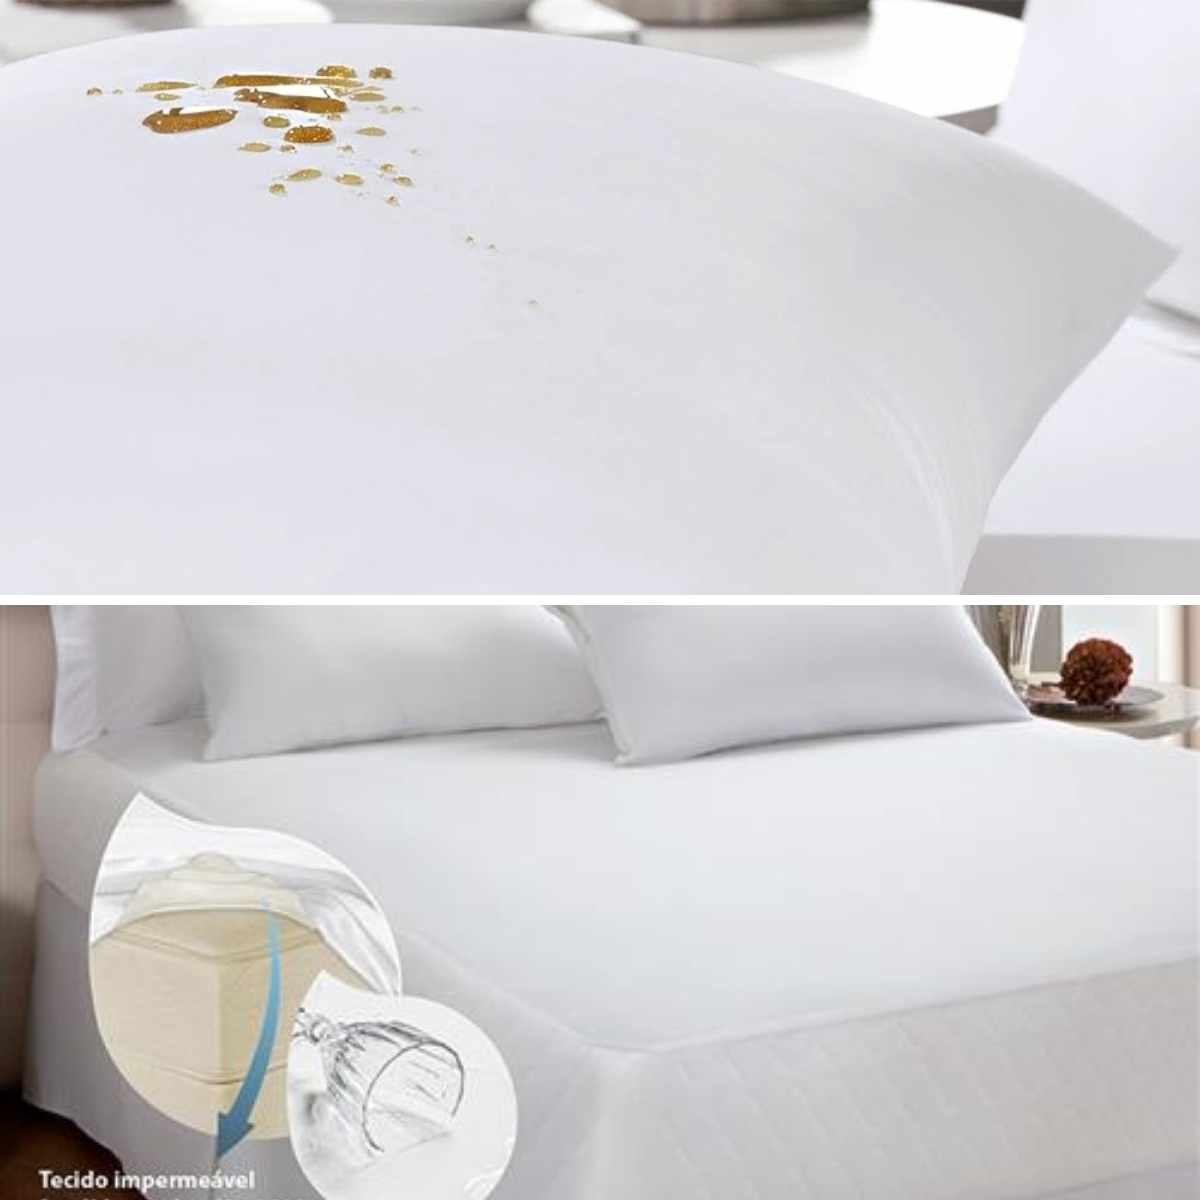 Kit 3 peças - 1  Protetor de Colchão Malha Impermeável Casal + 2 Protetores de Travesseiro Malha Impermeável 50x70 Única